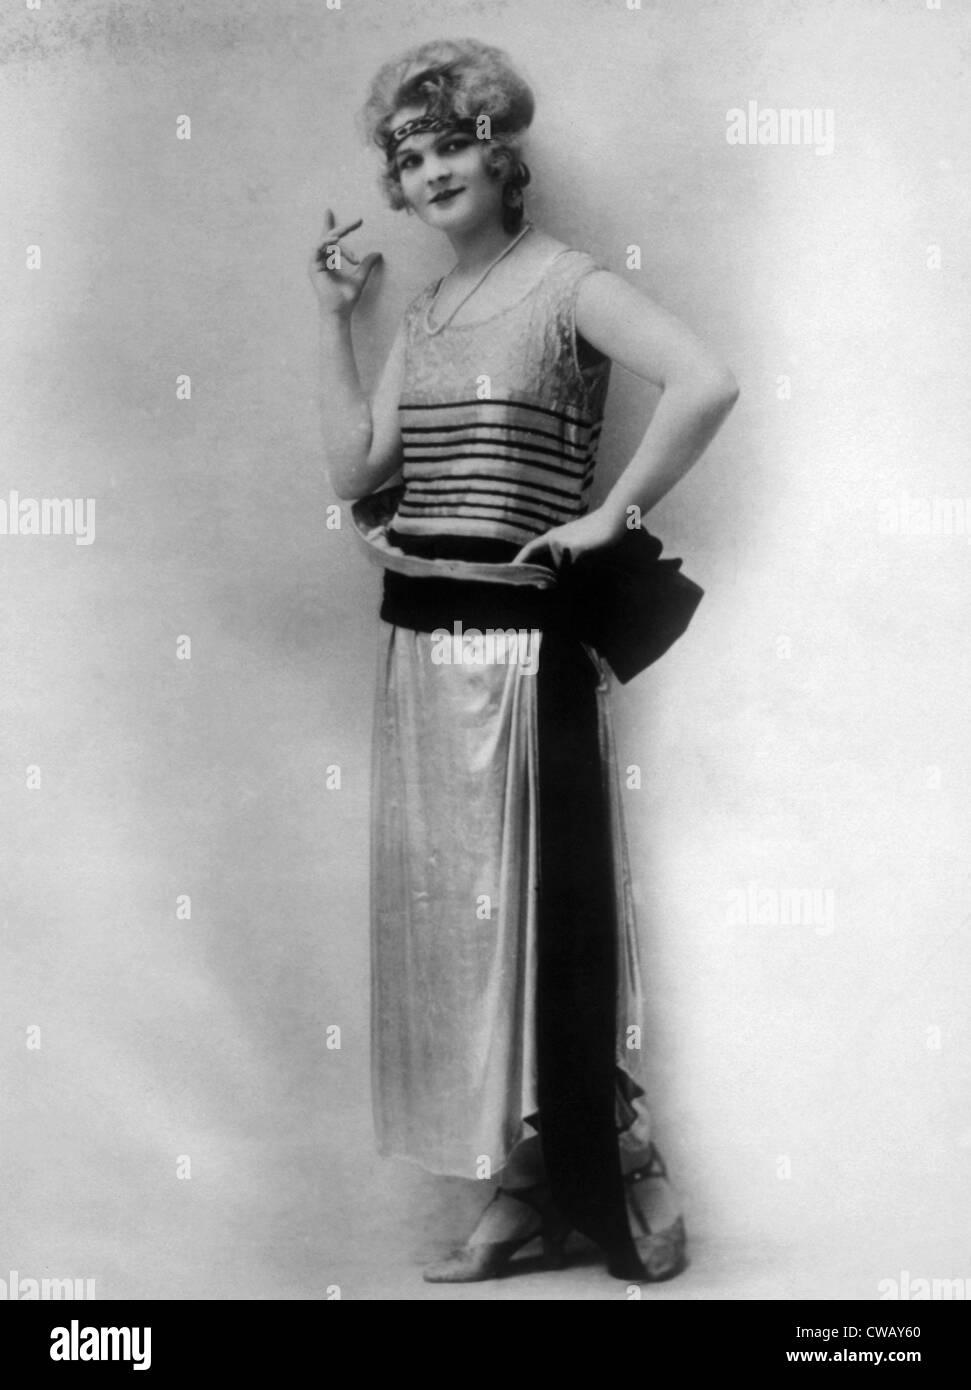 Robe de soirée parisienne avec laine argentée ceinture en velours noir, vers 1923. Photo: Courtesy Photo Stock